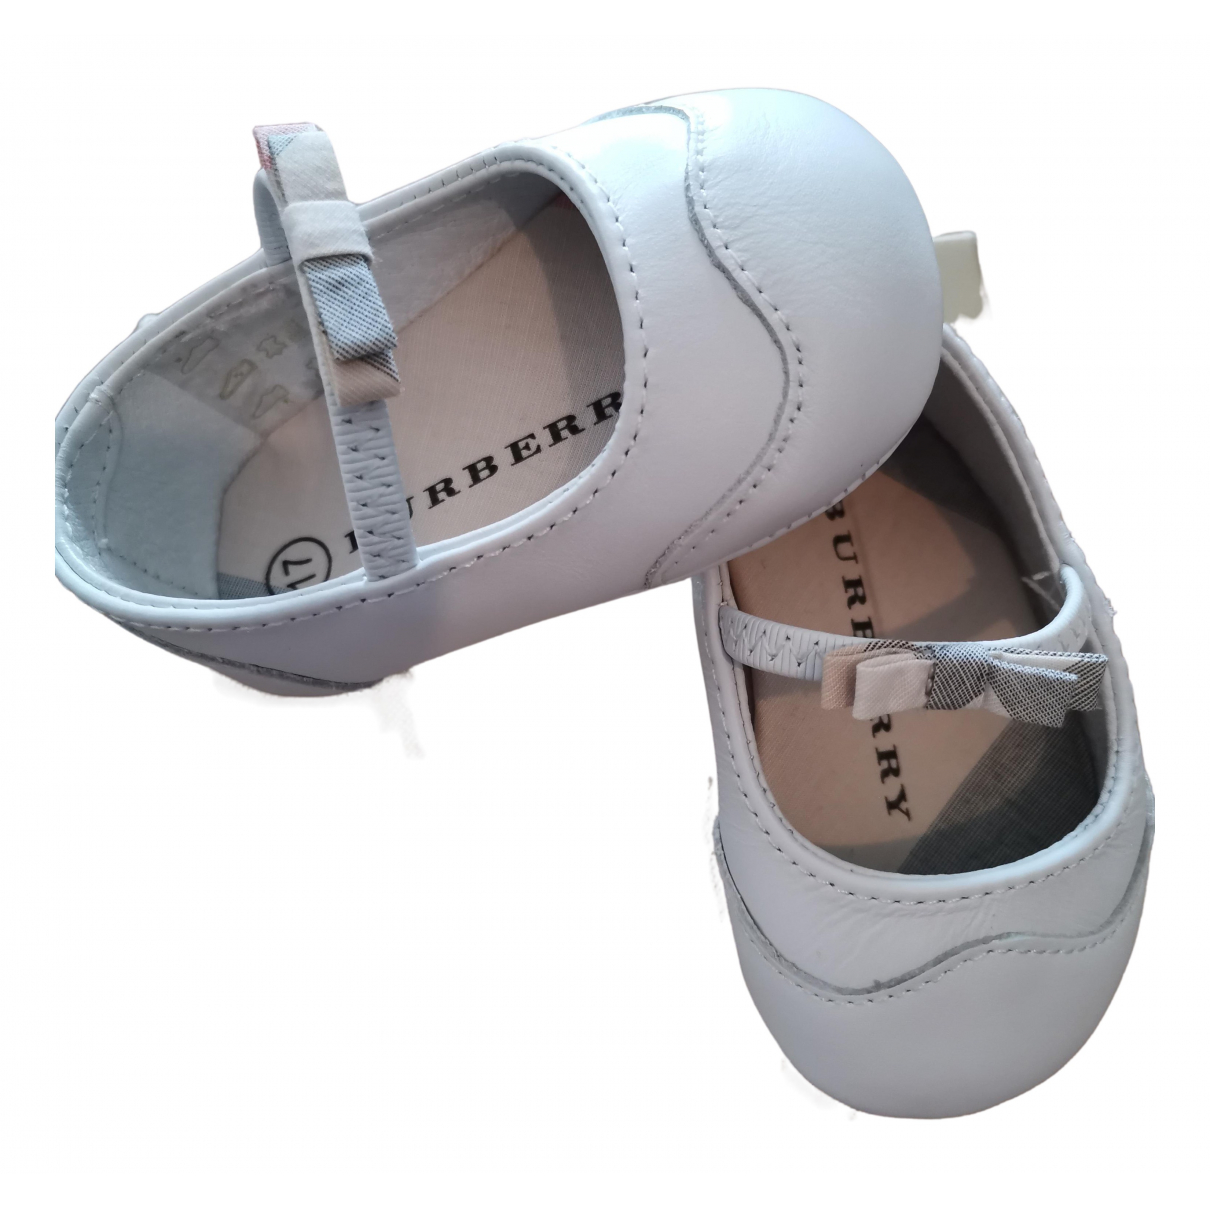 Burberry - Ballerines   pour enfant en cuir - blanc